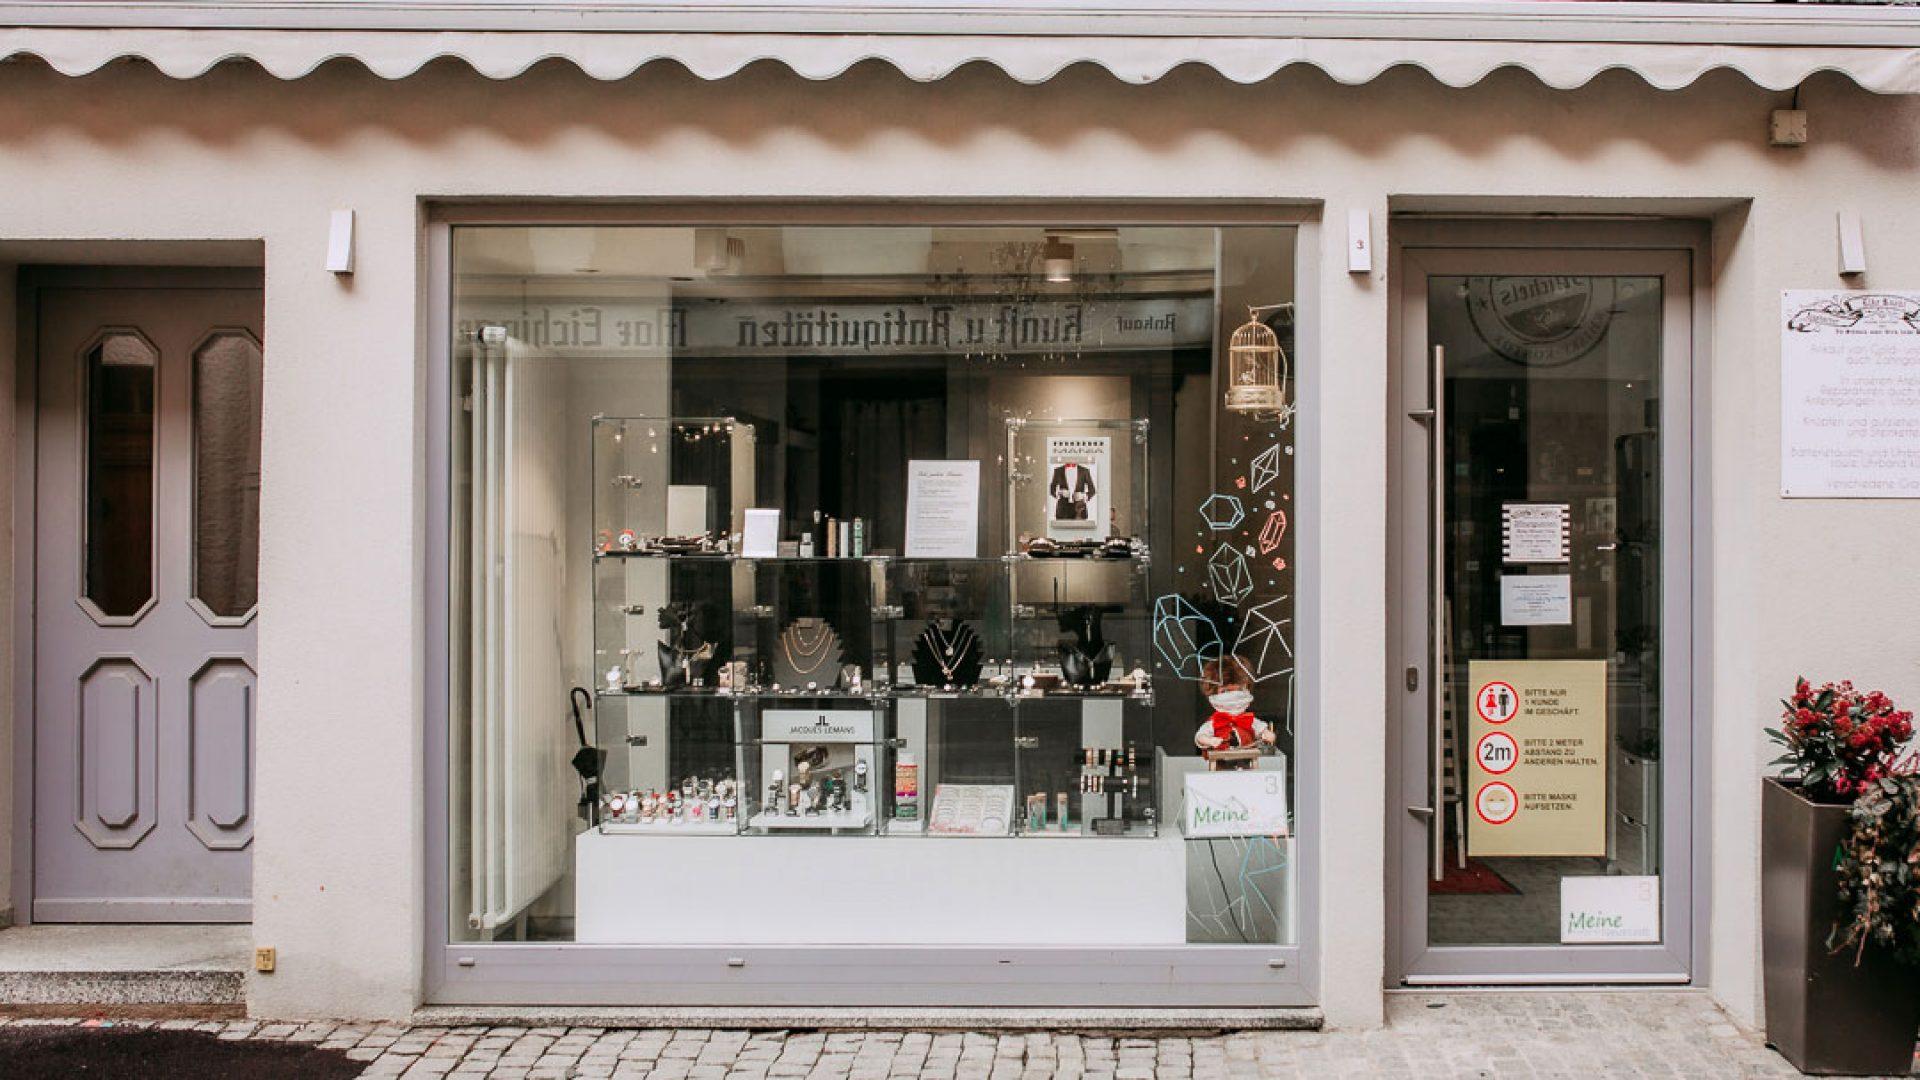 Einkaufen-in-Ansbach-Goldschmied-Knöbl